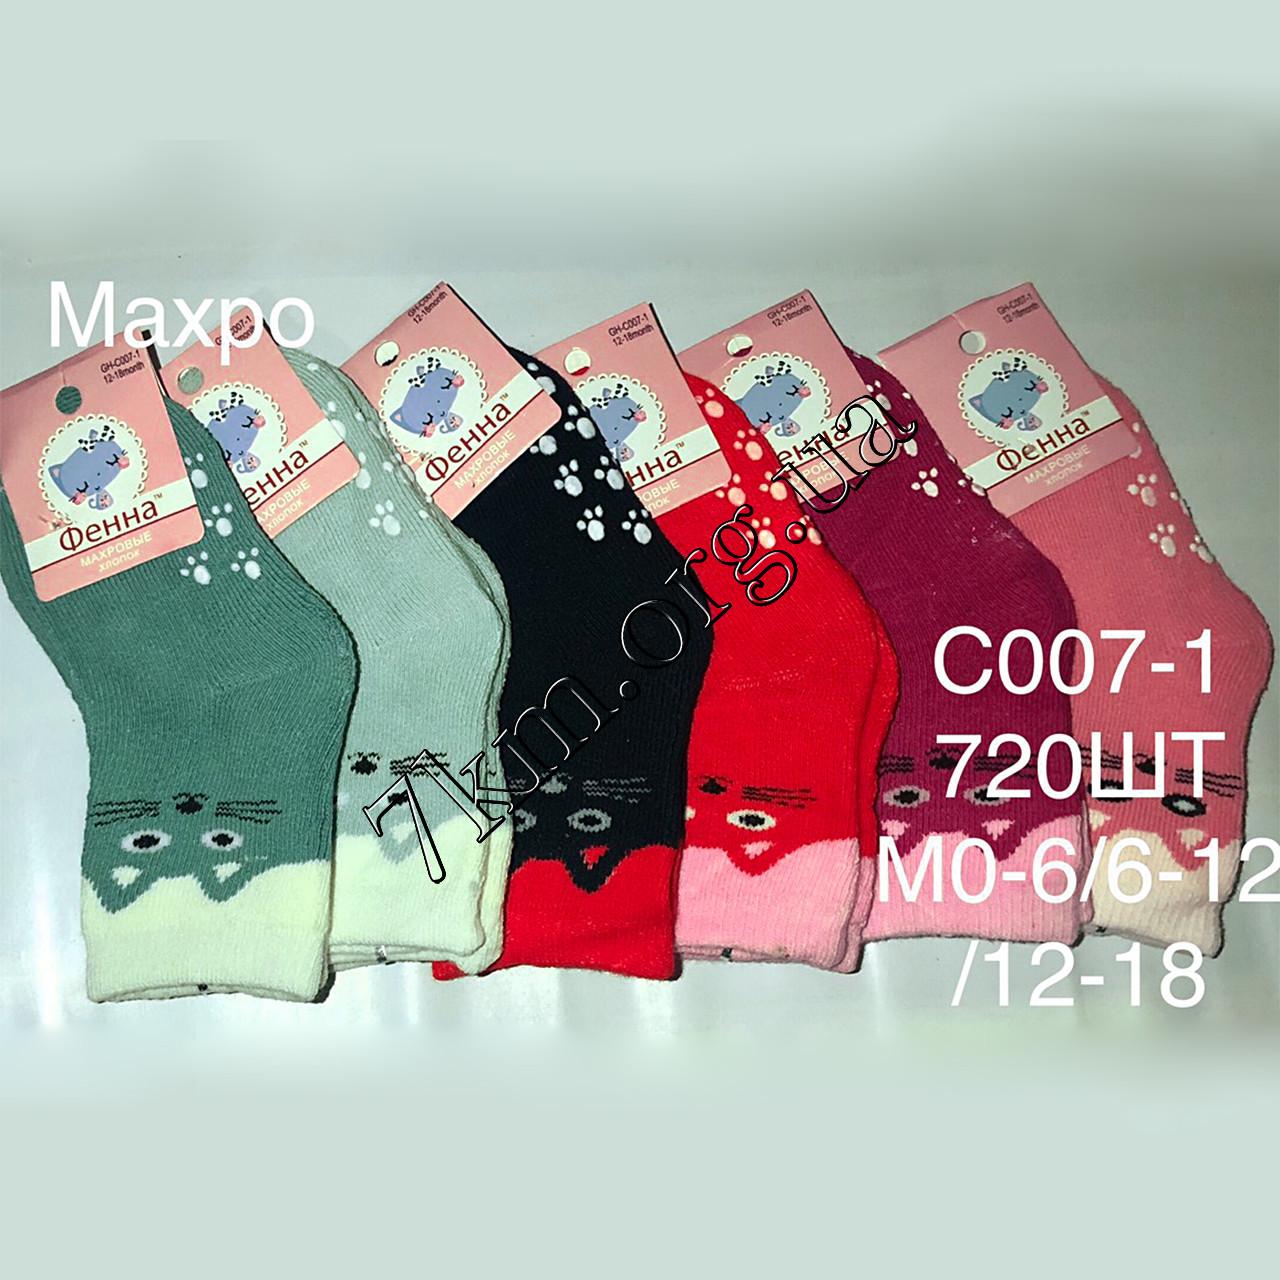 Носки детские махровые для девочек Фенна 0-6 месяцев Оптом C007-1